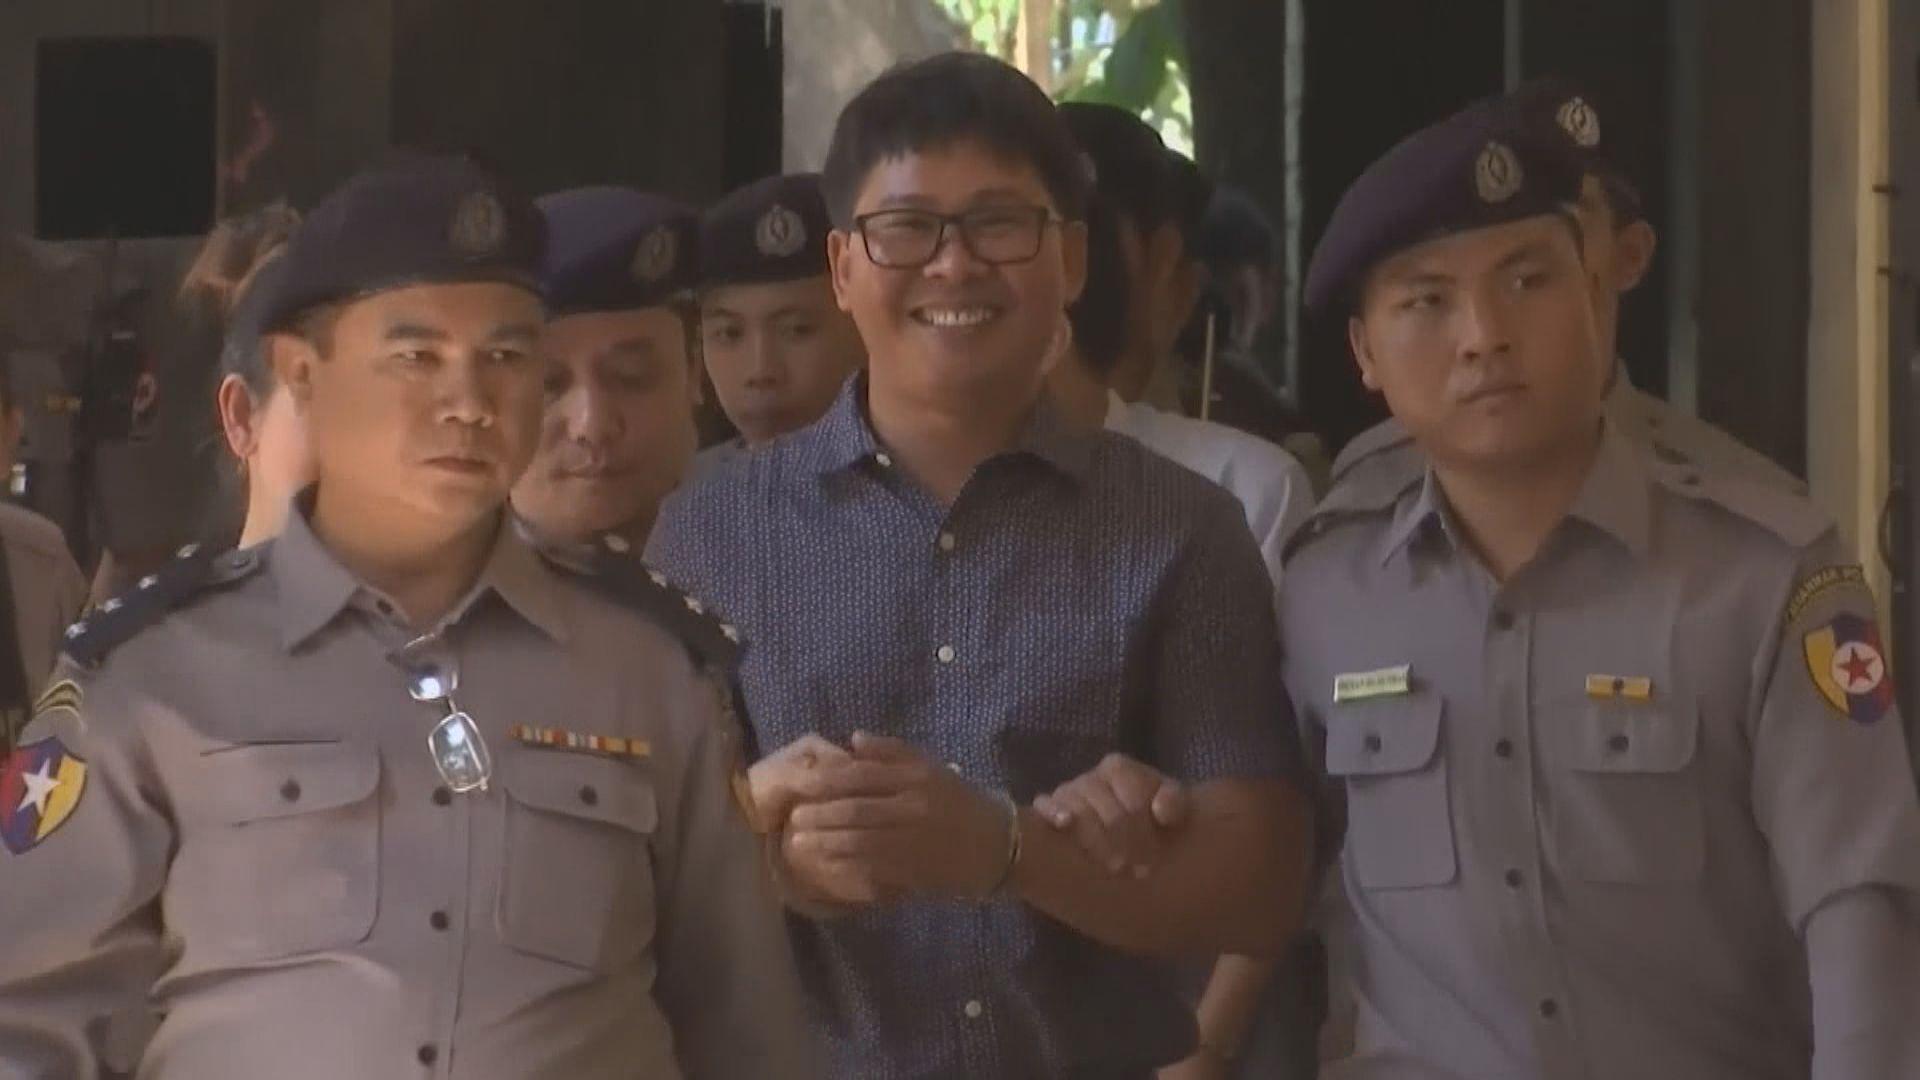 緬甸判囚路透社記者上訴至最高法院